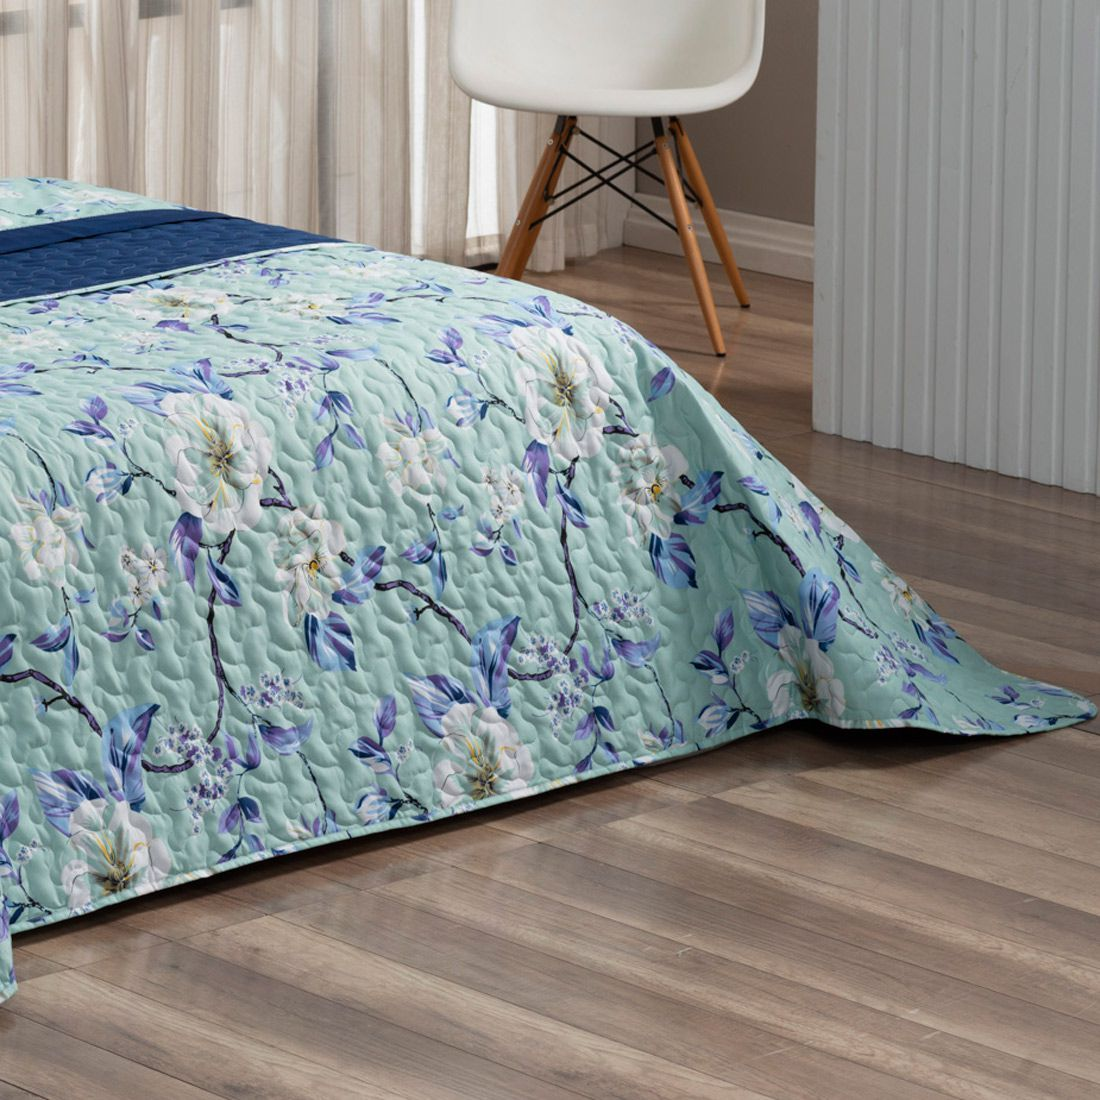 Cobre Leito Forest Floral Verde/Azul Marinho Solteiro Dupla Face Micropercal 200 fios 02 peças